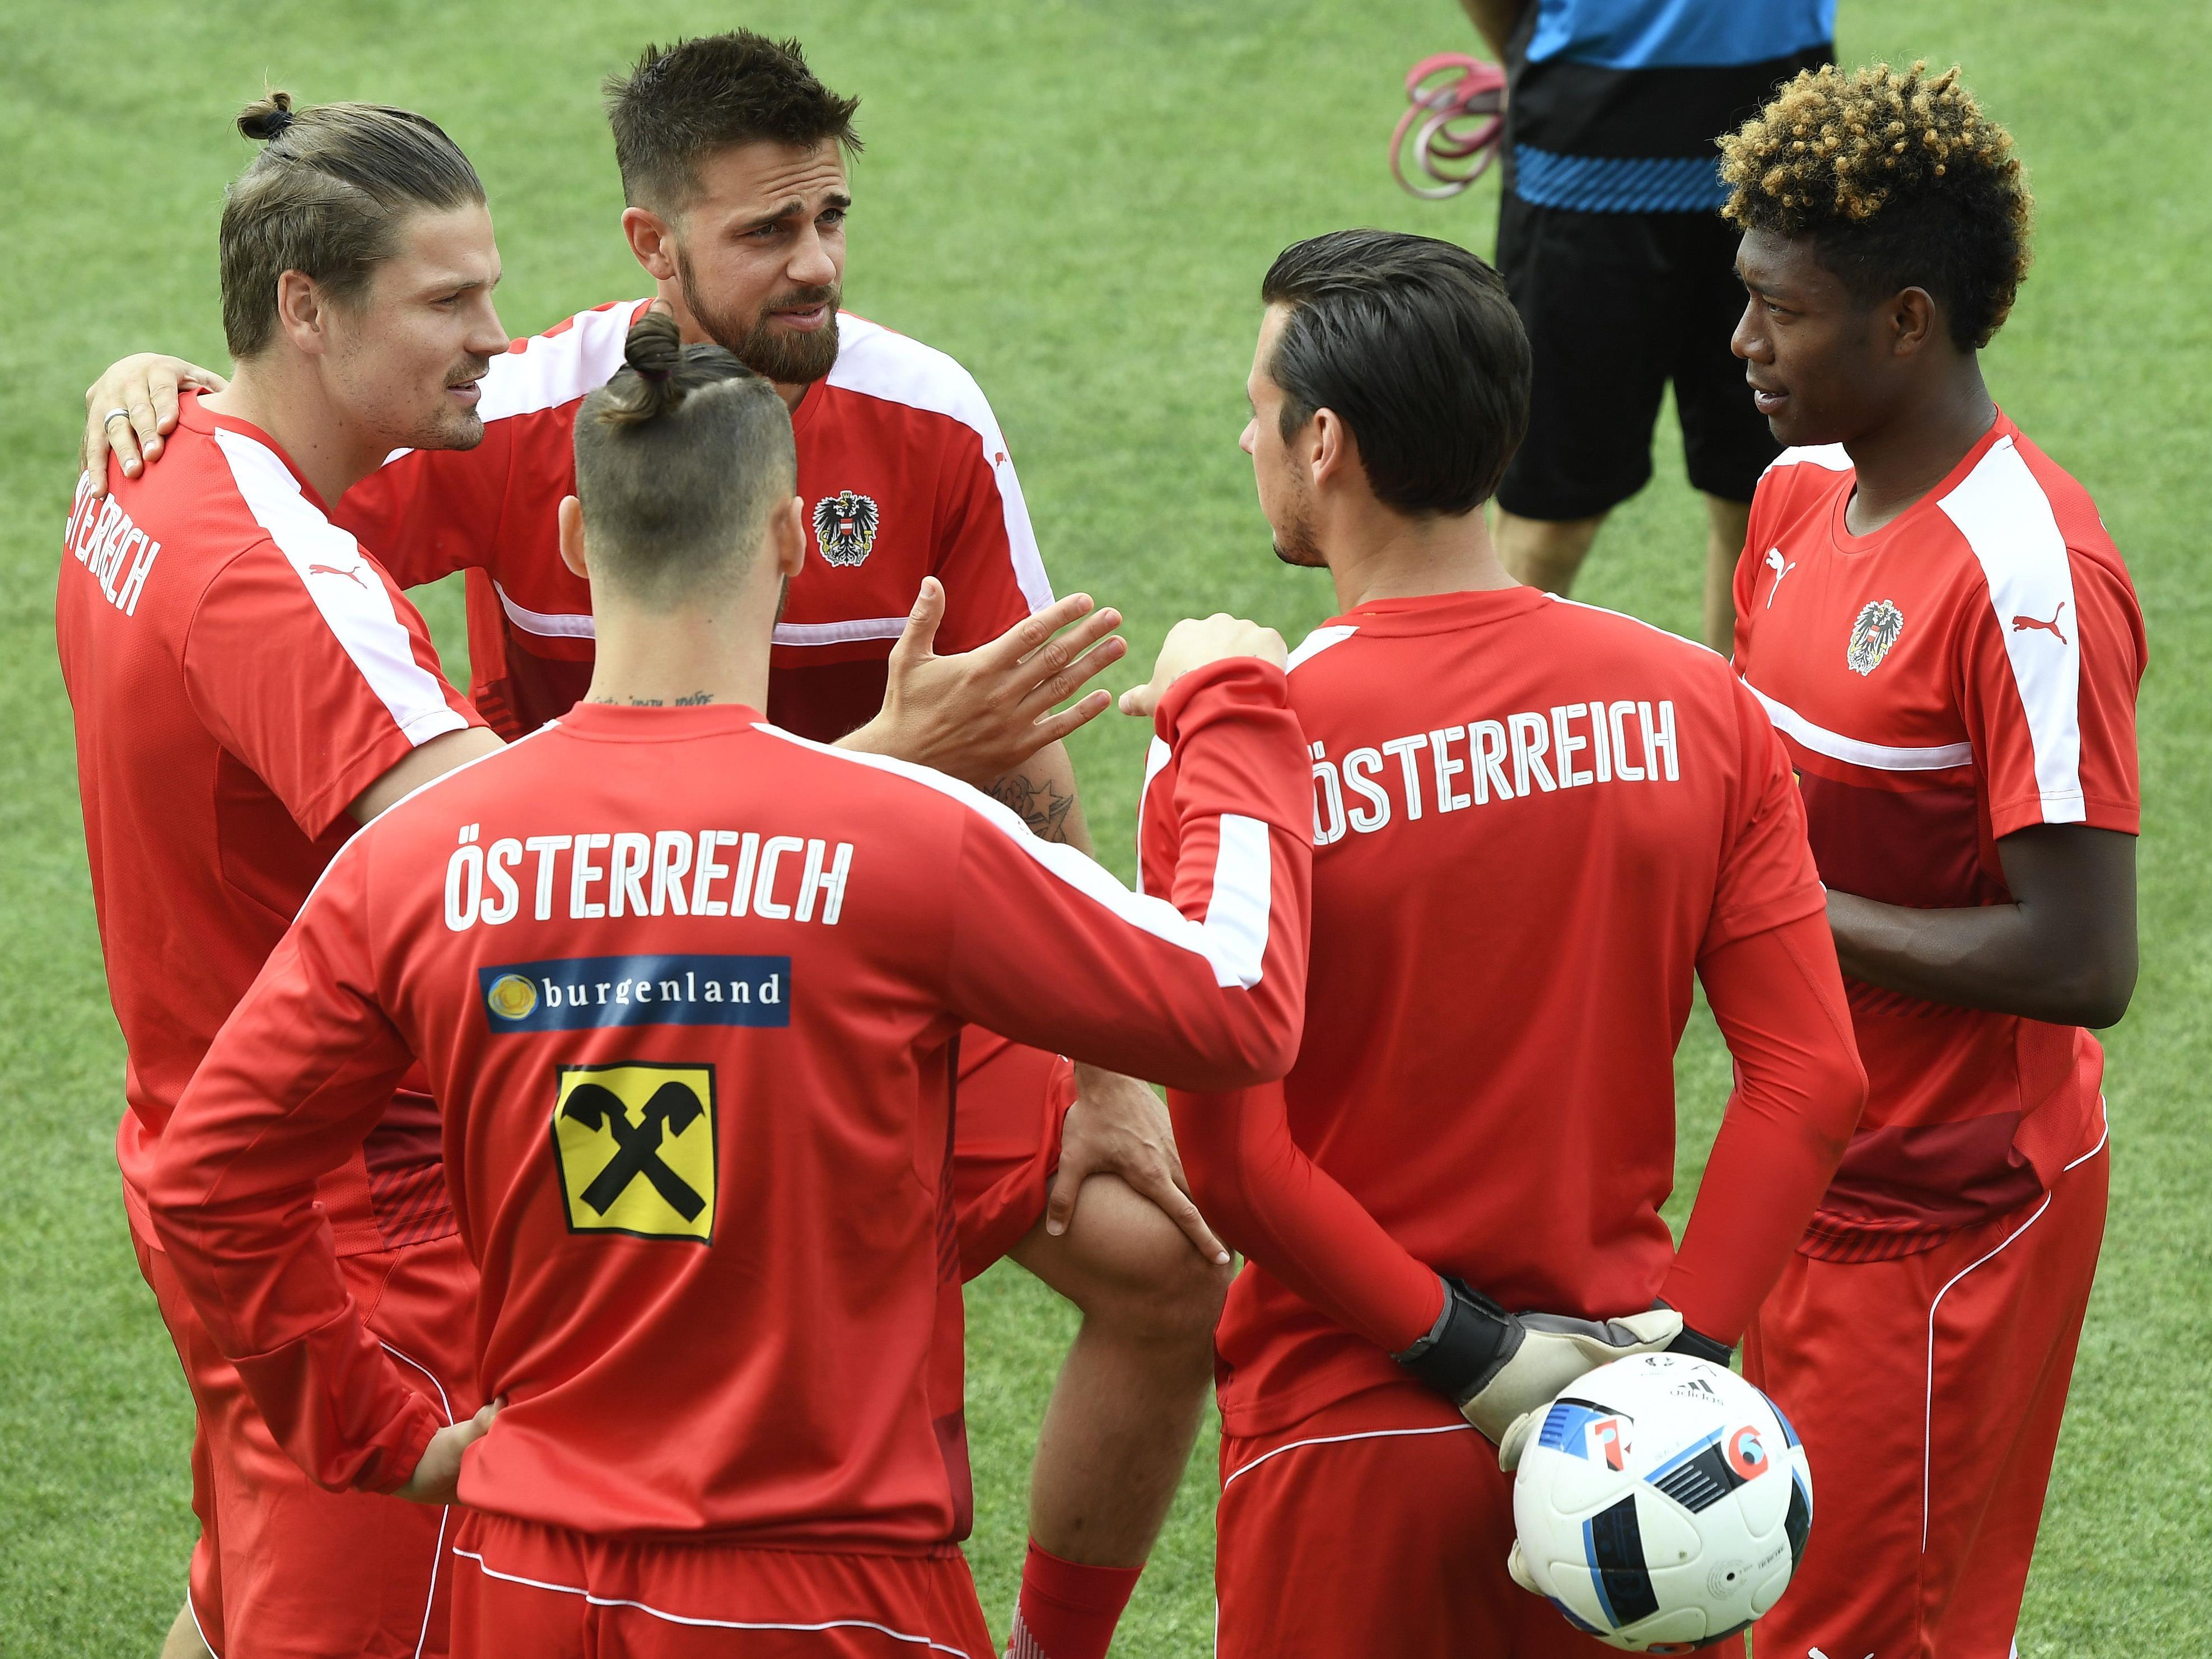 Österreich trifft Anfang September in der WM-Qualifikation auf Wales und Georgien.